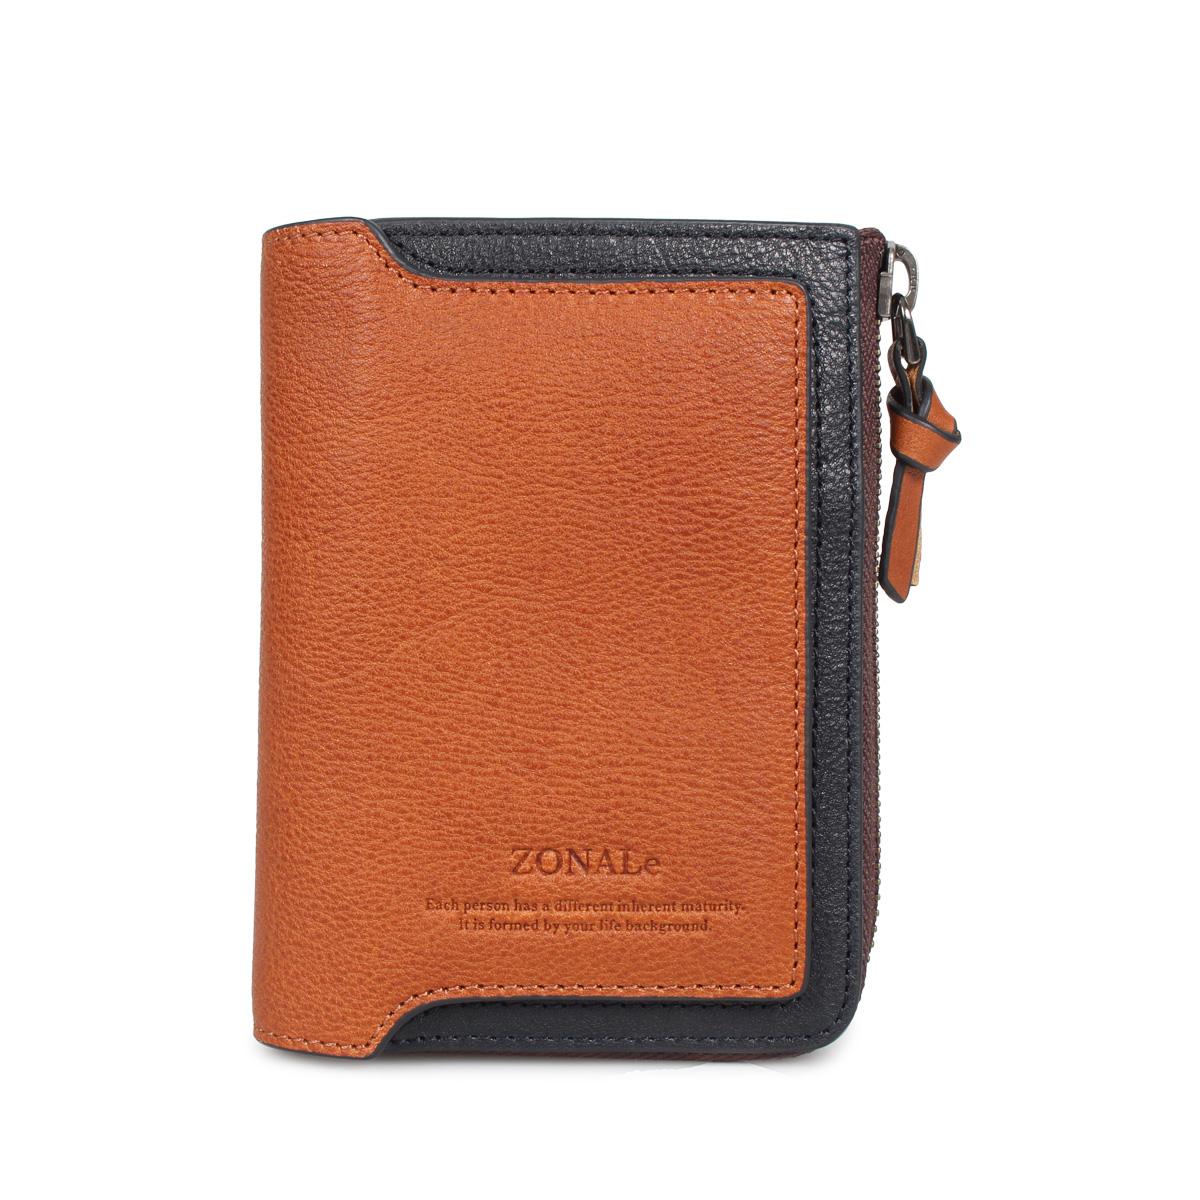 ZONALE ORLO ゾナール 財布 二つ折り メンズ 本革 ネイビー ブラウン 31222